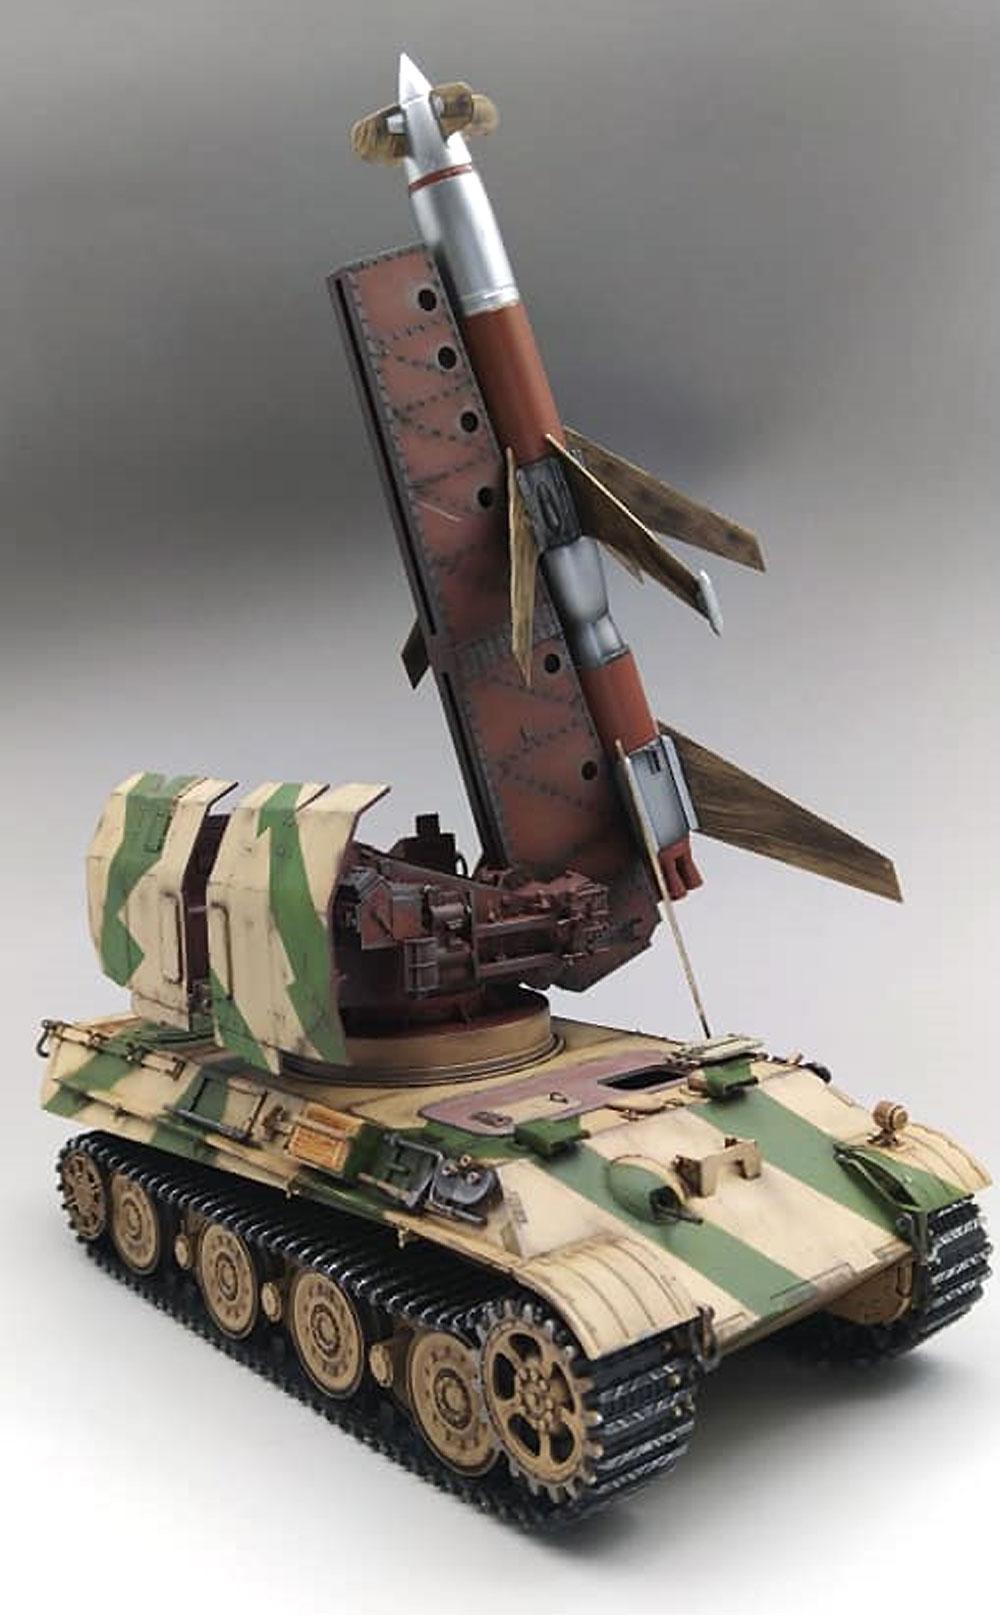 ドイツ 地対空ミサイル ライントホター R1 自走対空ミサイル パンター2車体プラモデル(アミュージングホビー1/35 ミリタリーNo.35A036)商品画像_3